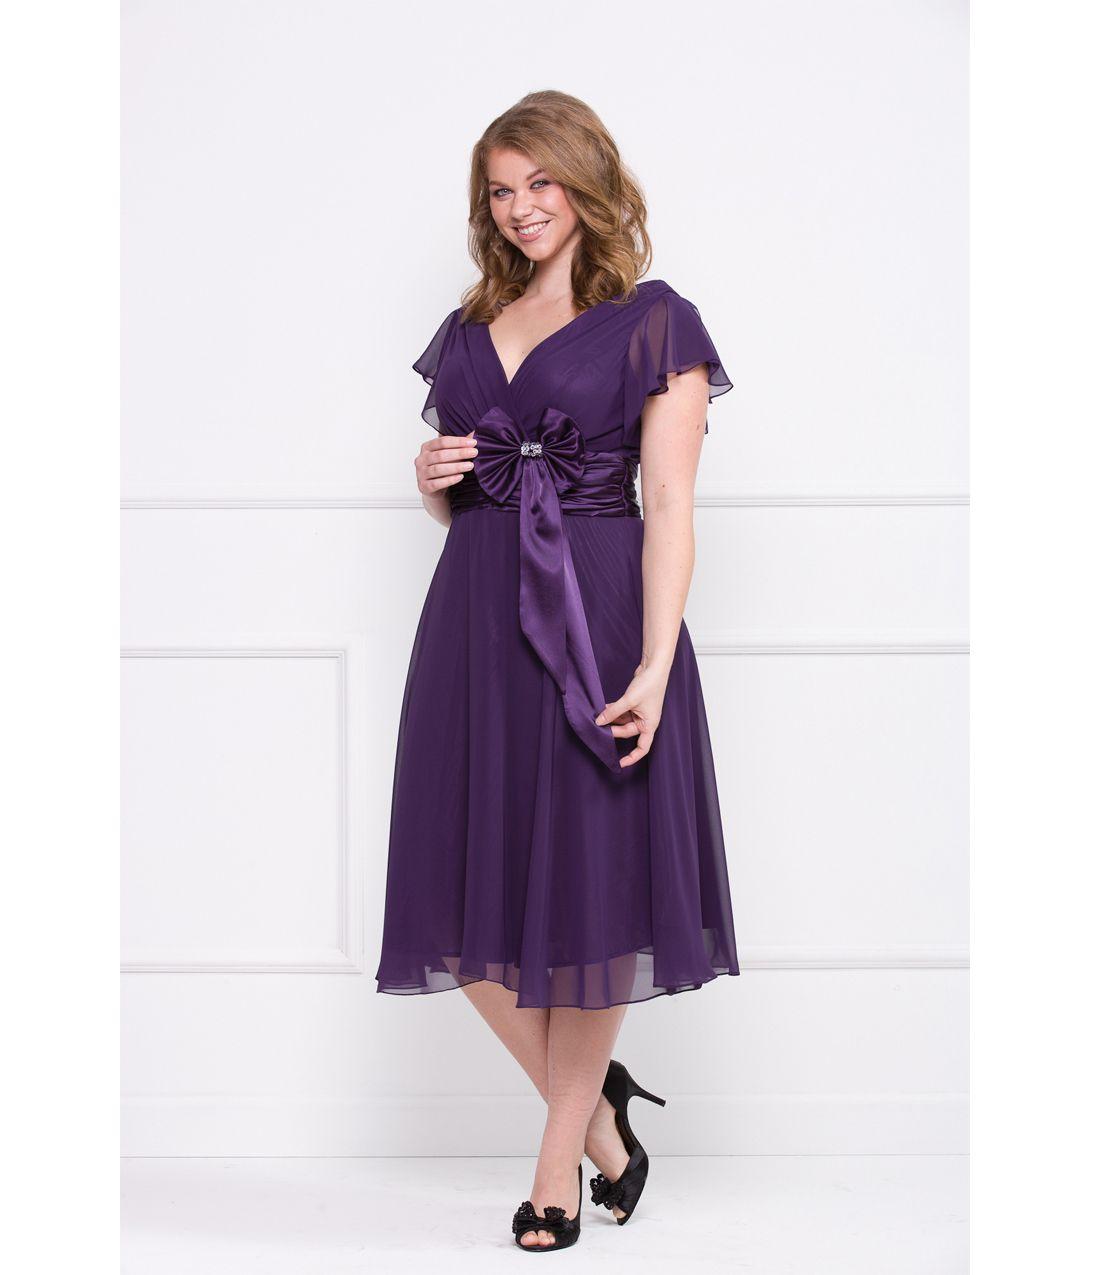 plus size bridesmaid dresses 26170075   Plus Size & Curvy   Pinterest